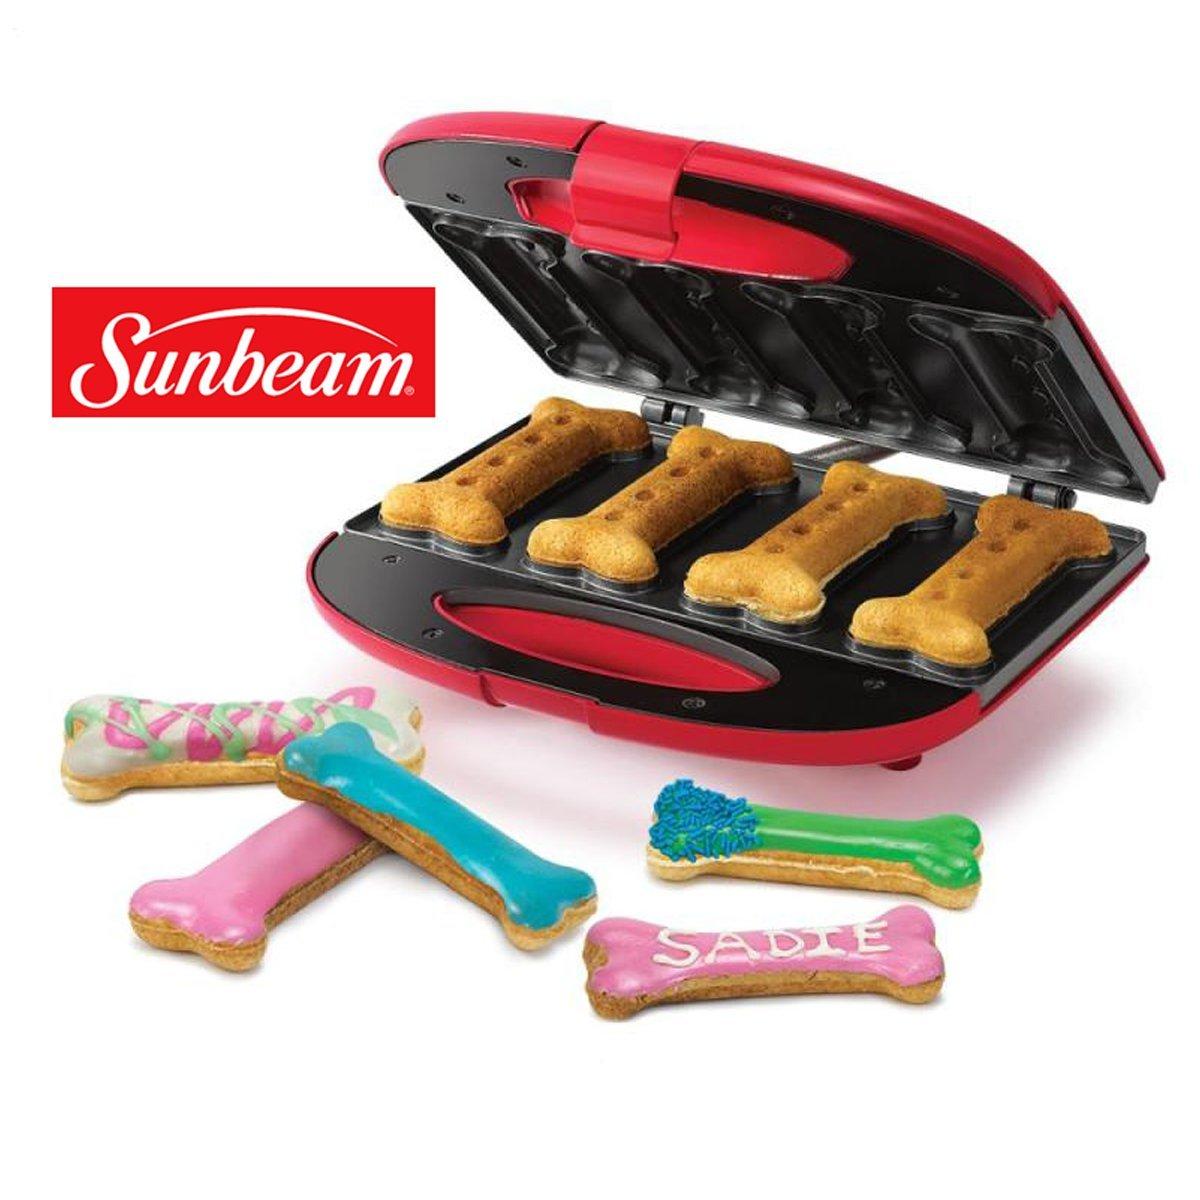 Sunbeam Gourmet Dog Treat Maker